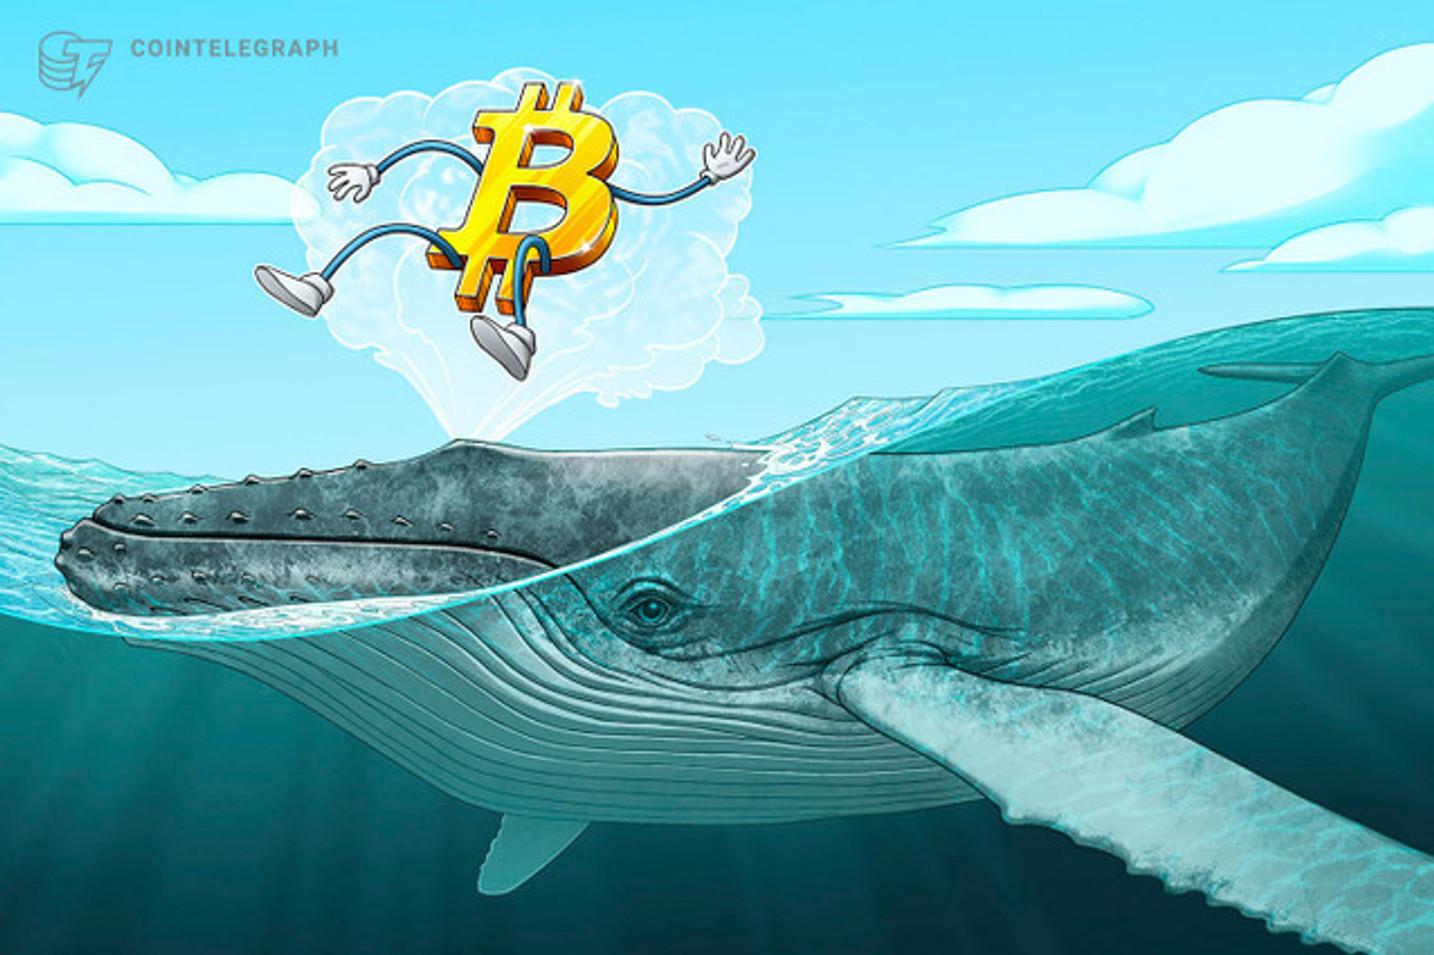 ¿La caída en los precios de Bitcoin, Ethereum y Bitcoin Cash son responsabilidad de las ballenas?